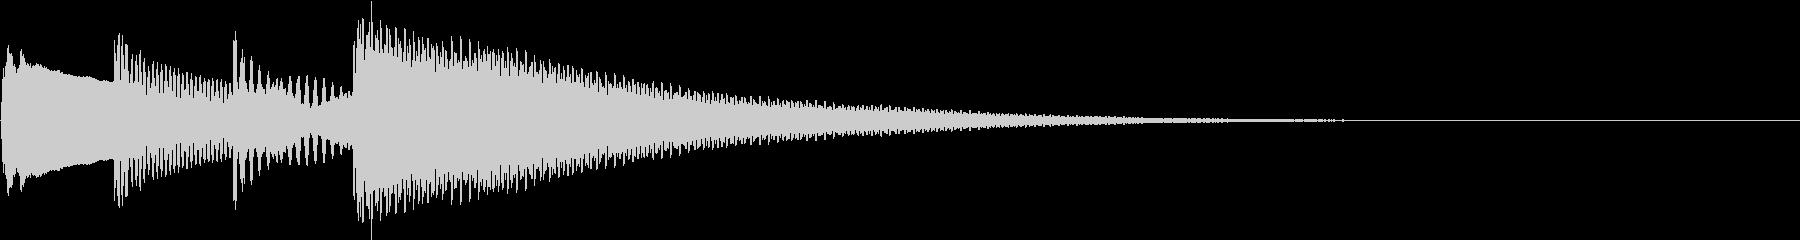 ピンポンパンポン合図チャイムの未再生の波形